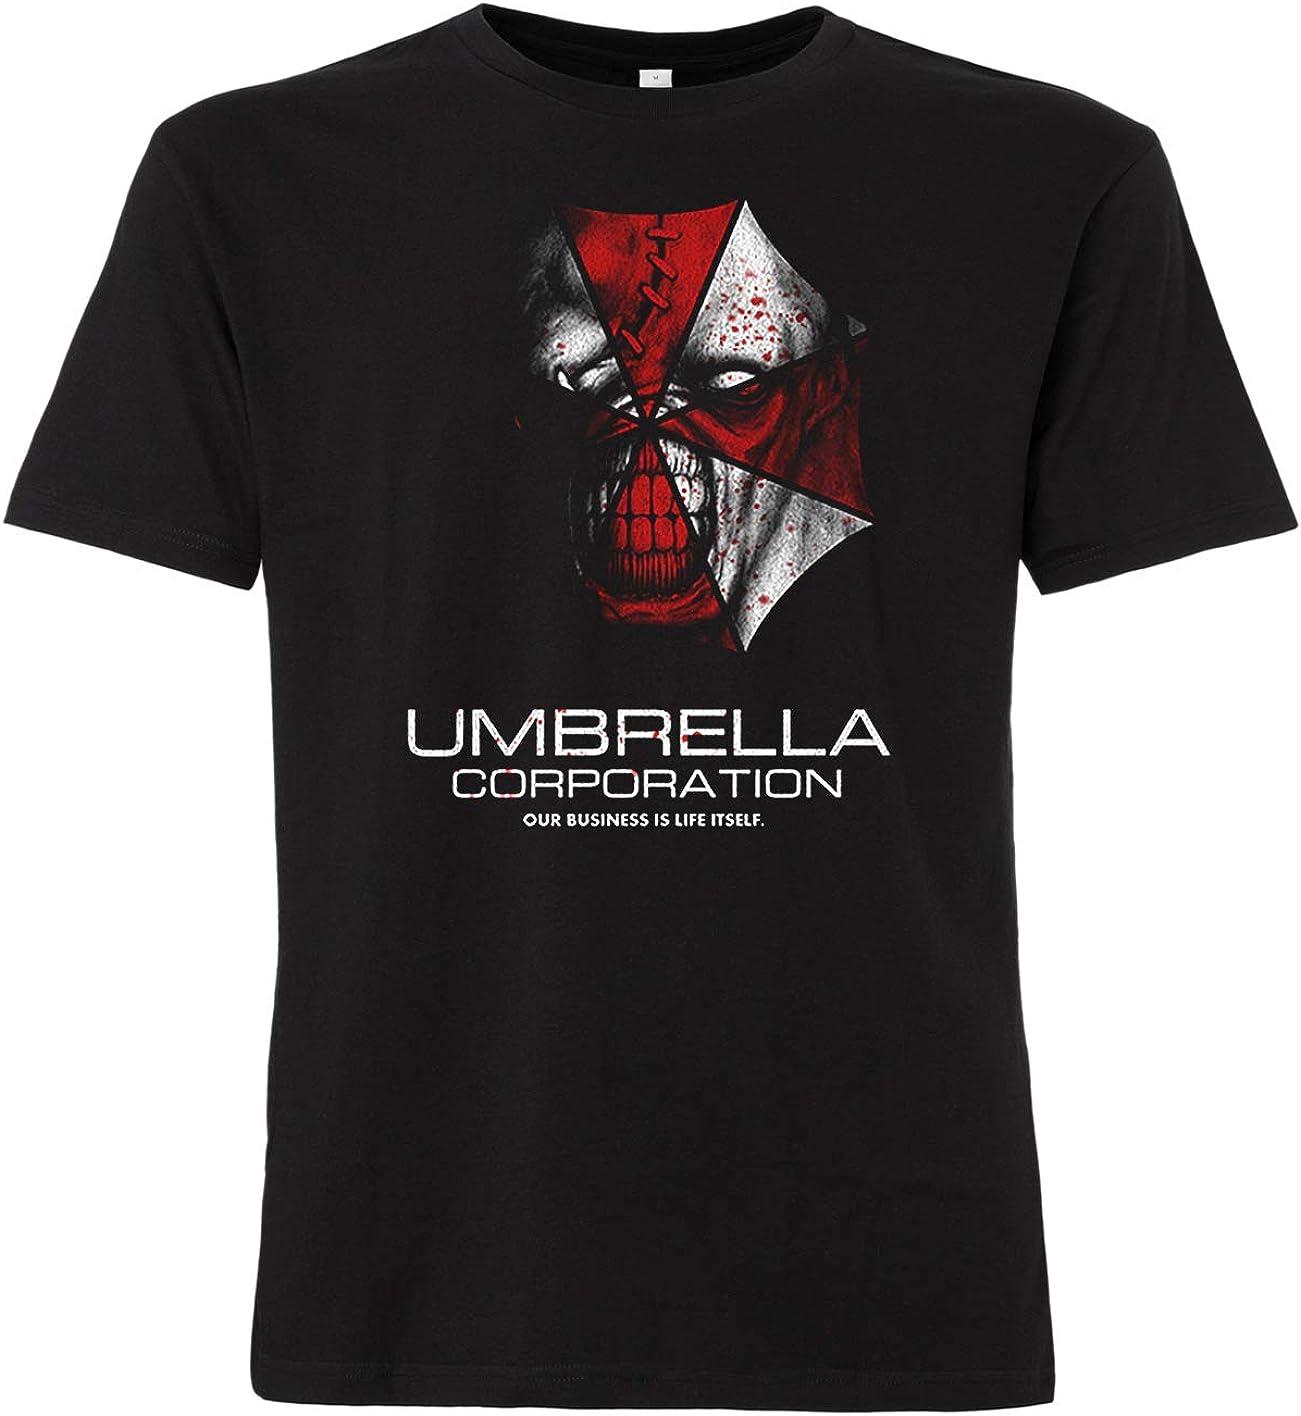 T-shirt da uomo Umbrella Corporation ShirtWorld